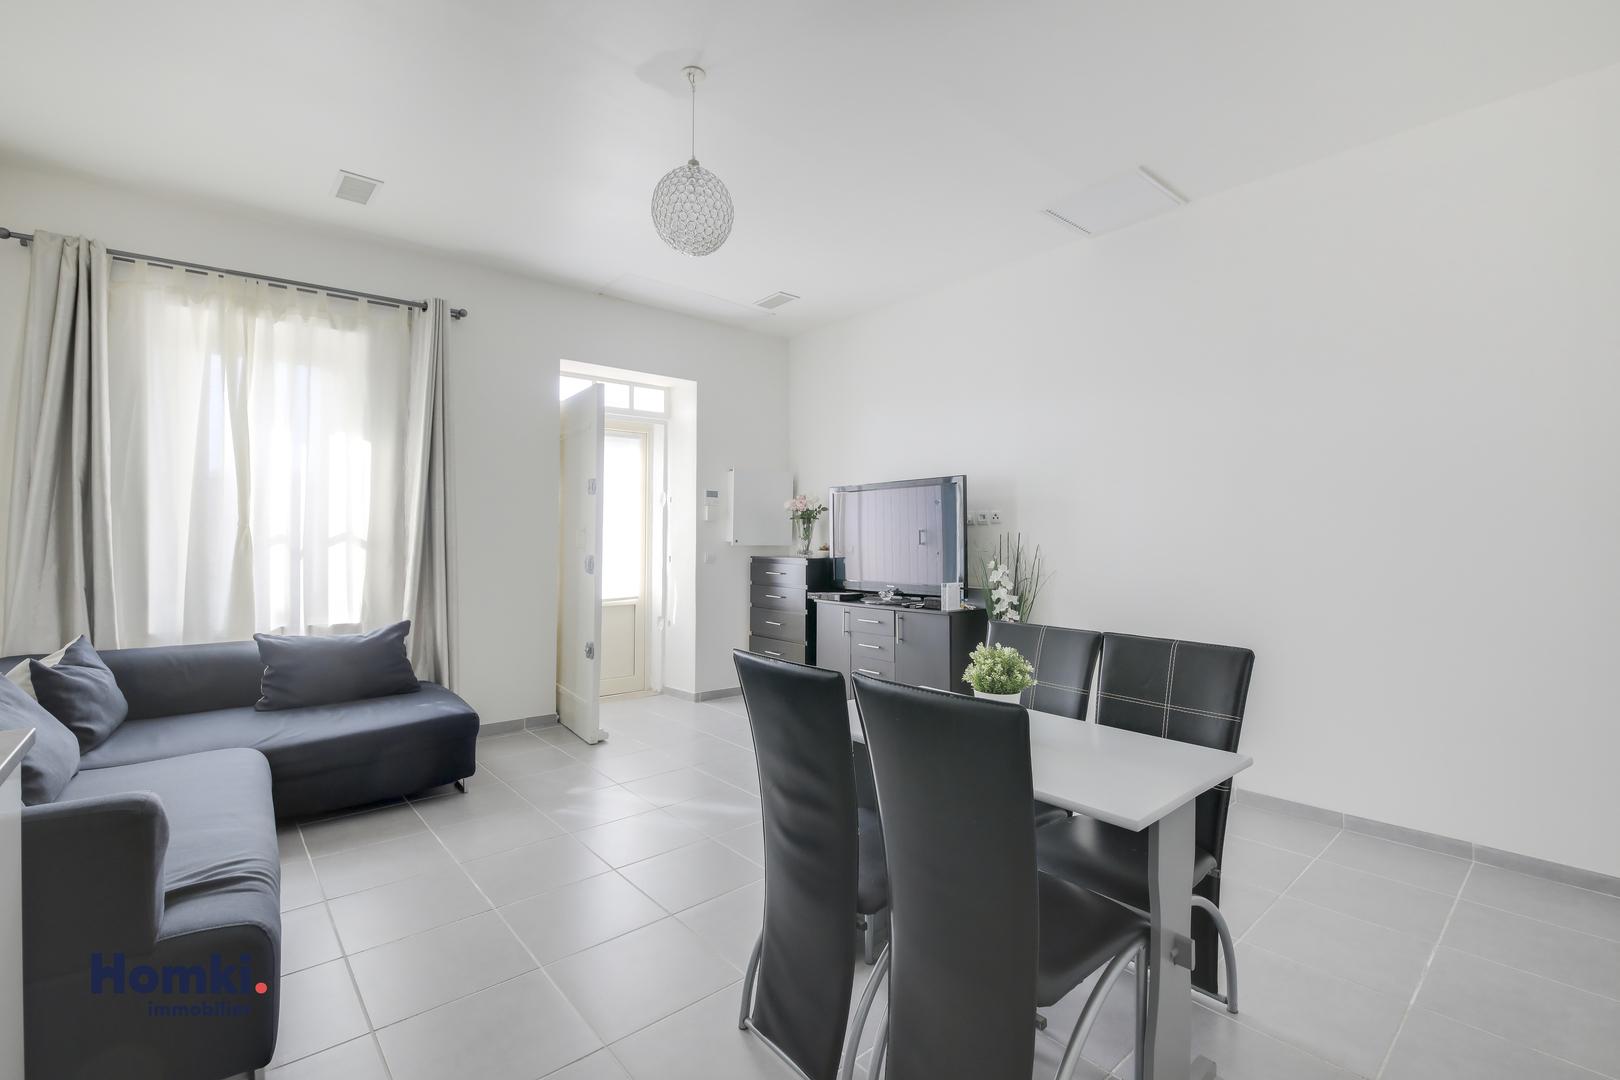 Vente Maison 65 m² T3 13013_5